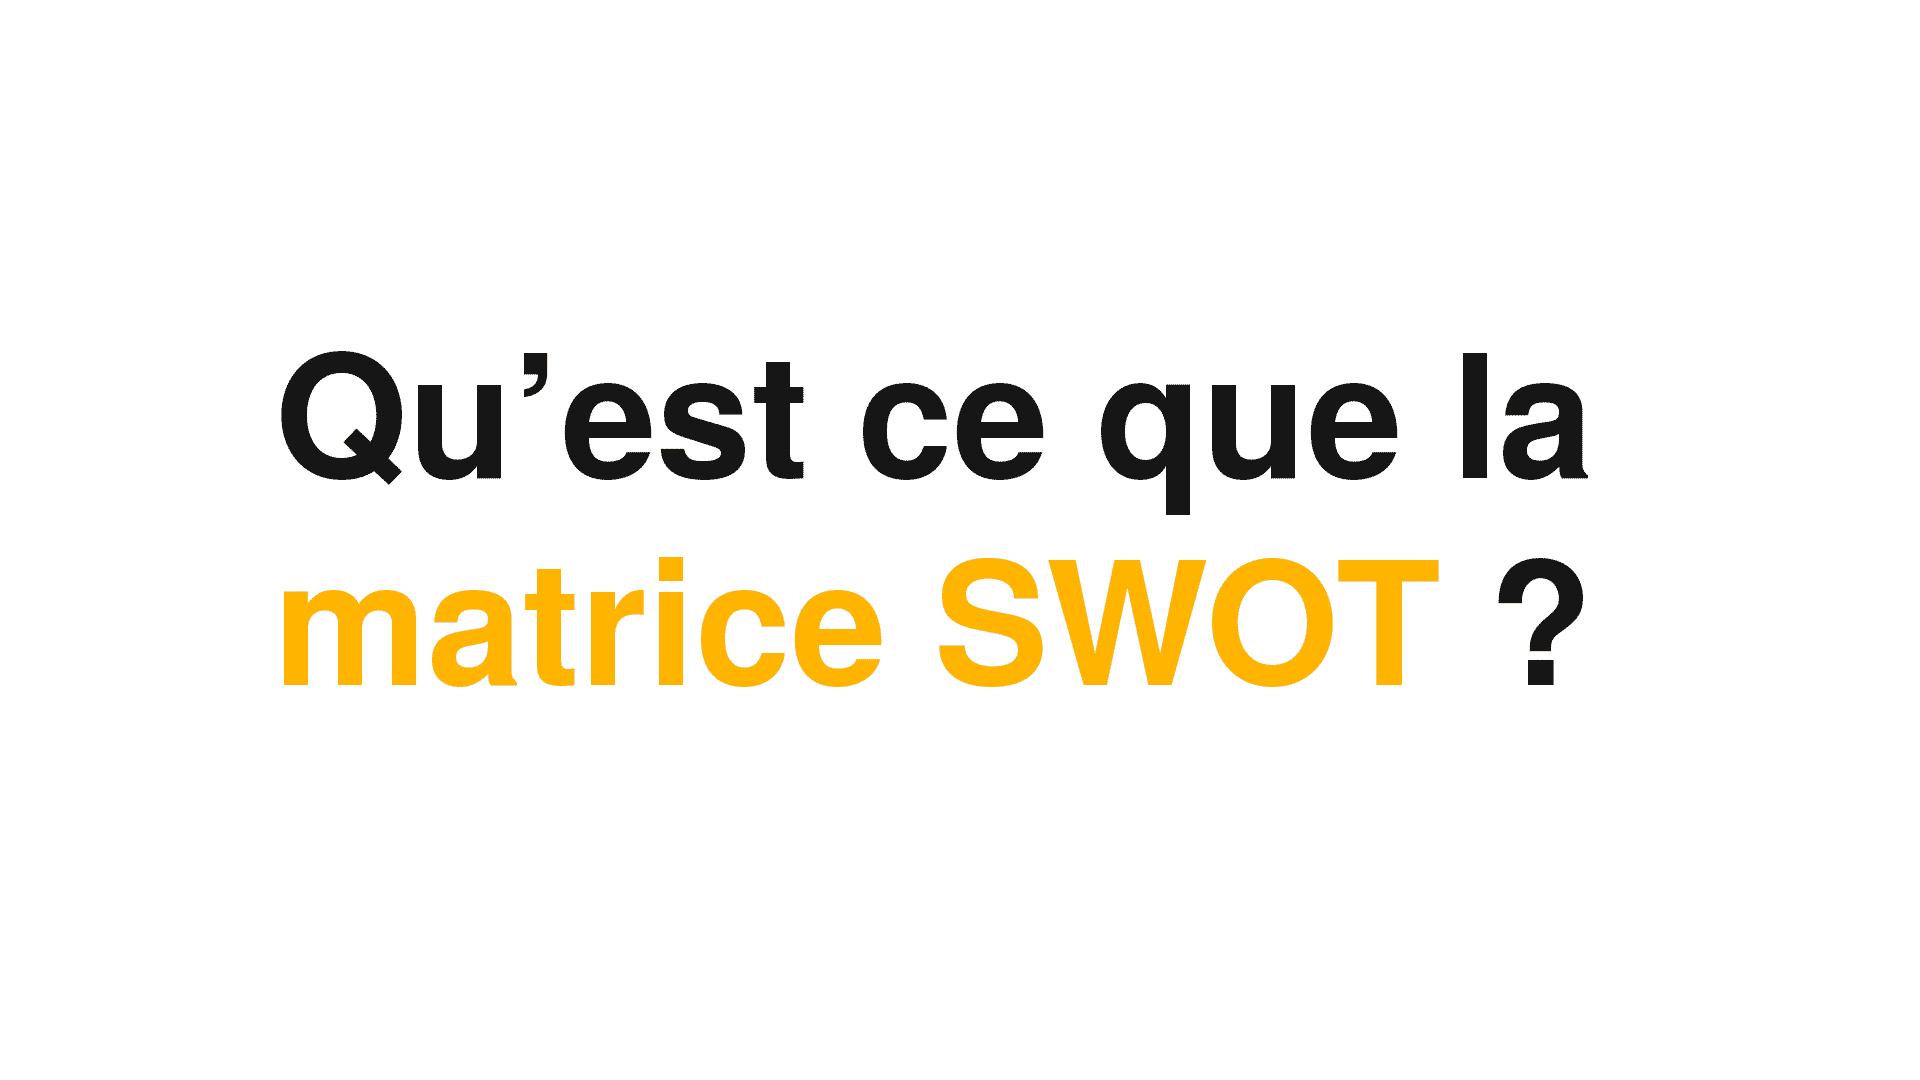 Qu'est ce que la matrice SWOT par définition et comment l'utiliser ?